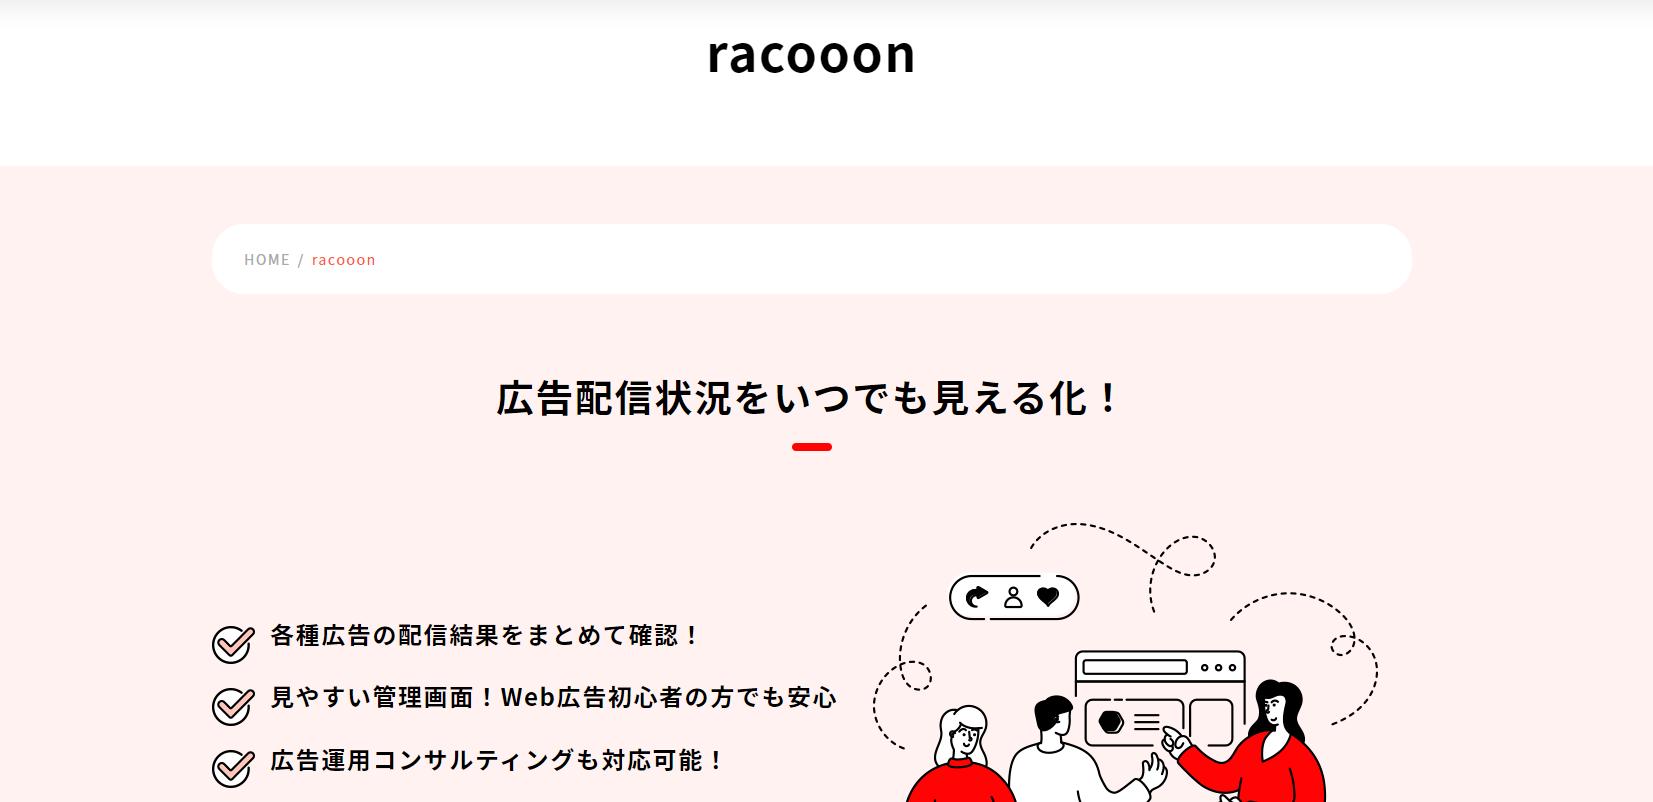 racooon